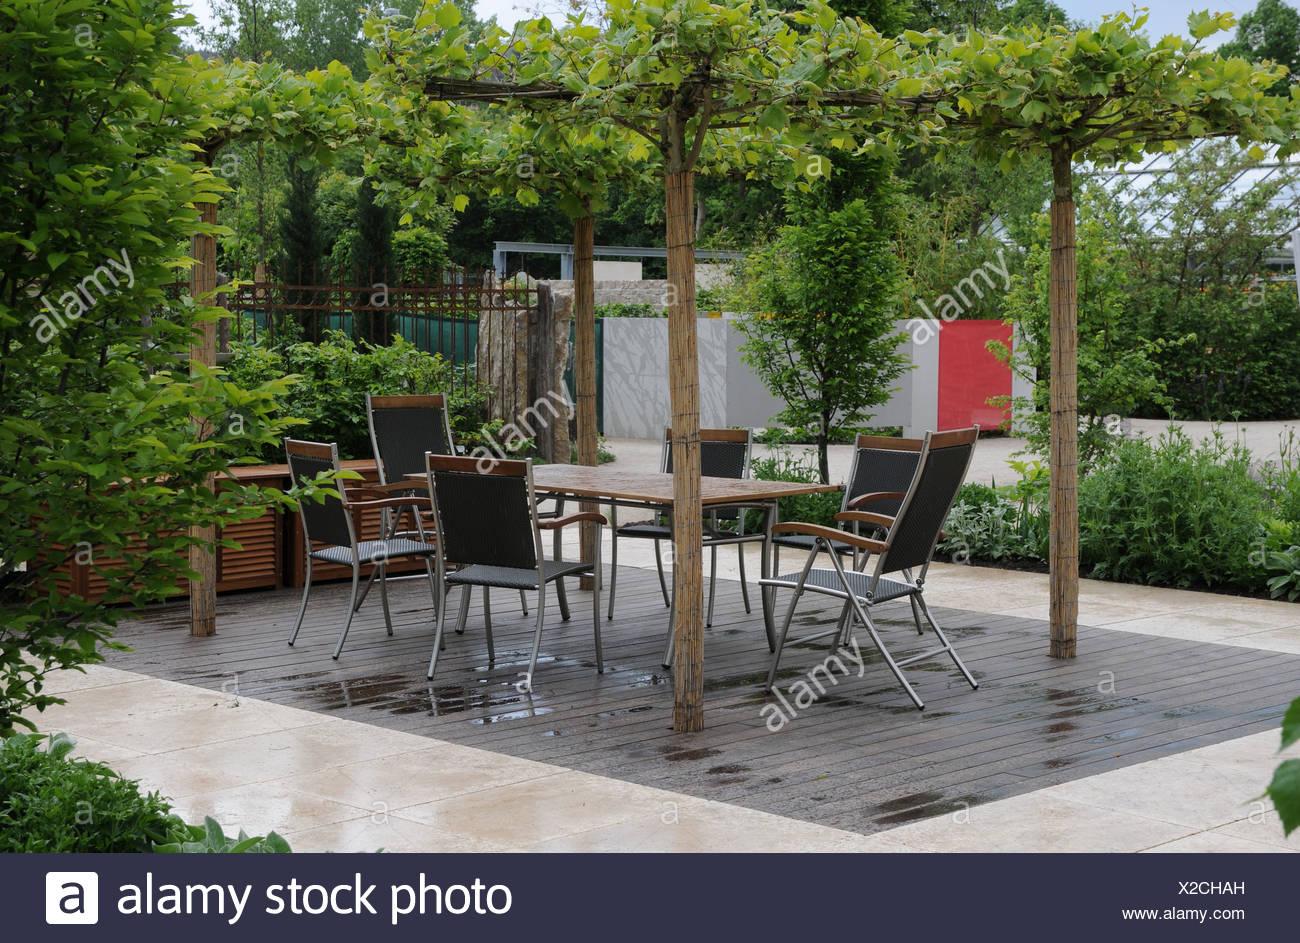 Faszinierend Sitzplatz Garten Beste Wahl Garten-terrace With Seats - Stock Image